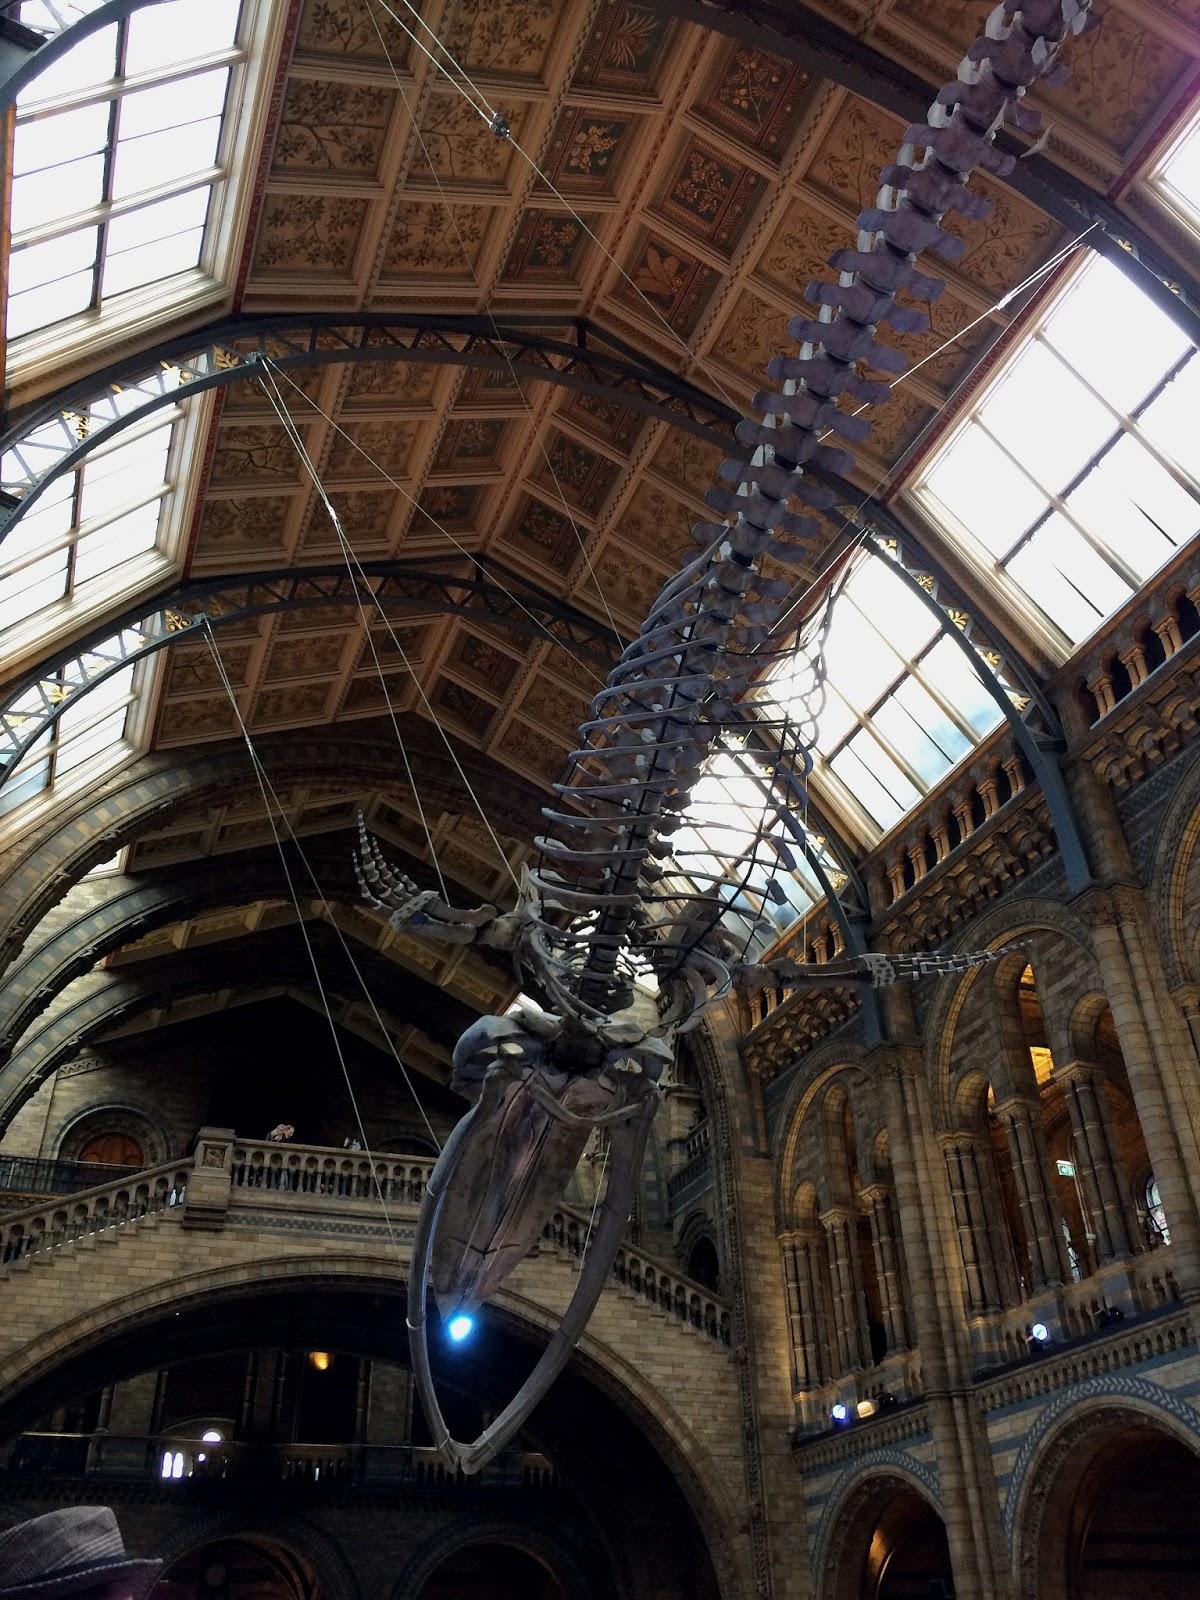 muzeum historii naturalnej londyn, muzea londyn, londyn atrakcje, muzeum dinozaurów londyn